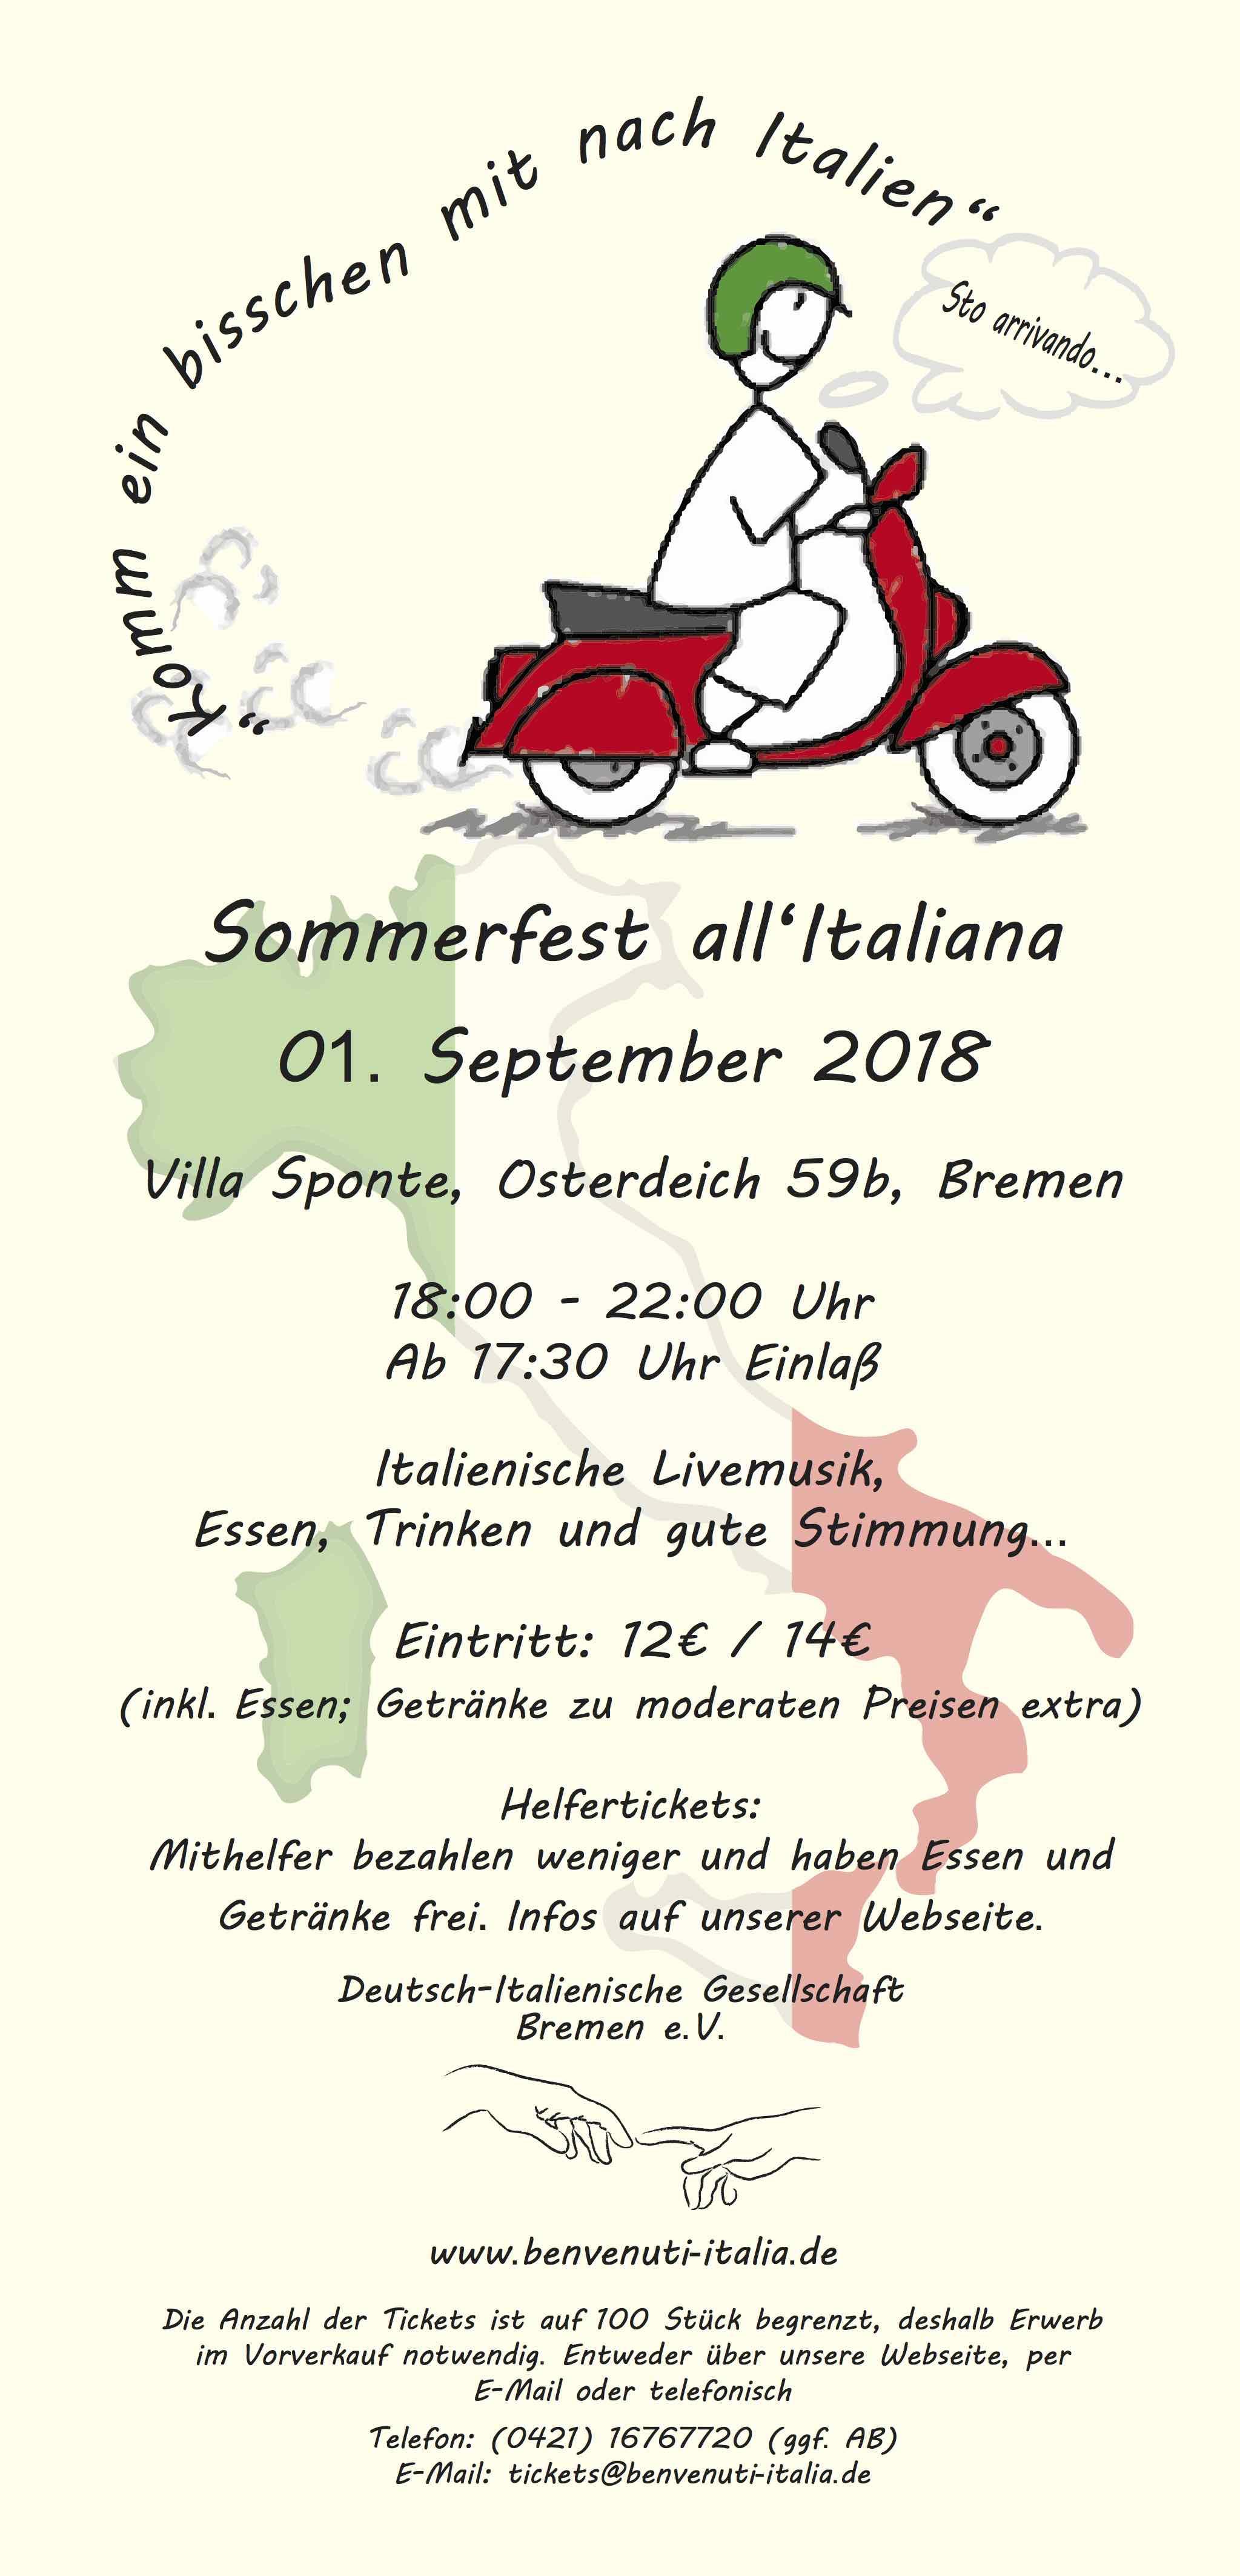 Sommerfest all\'italiana 2018 - Deutsch-Italienische Gesellschaft ...